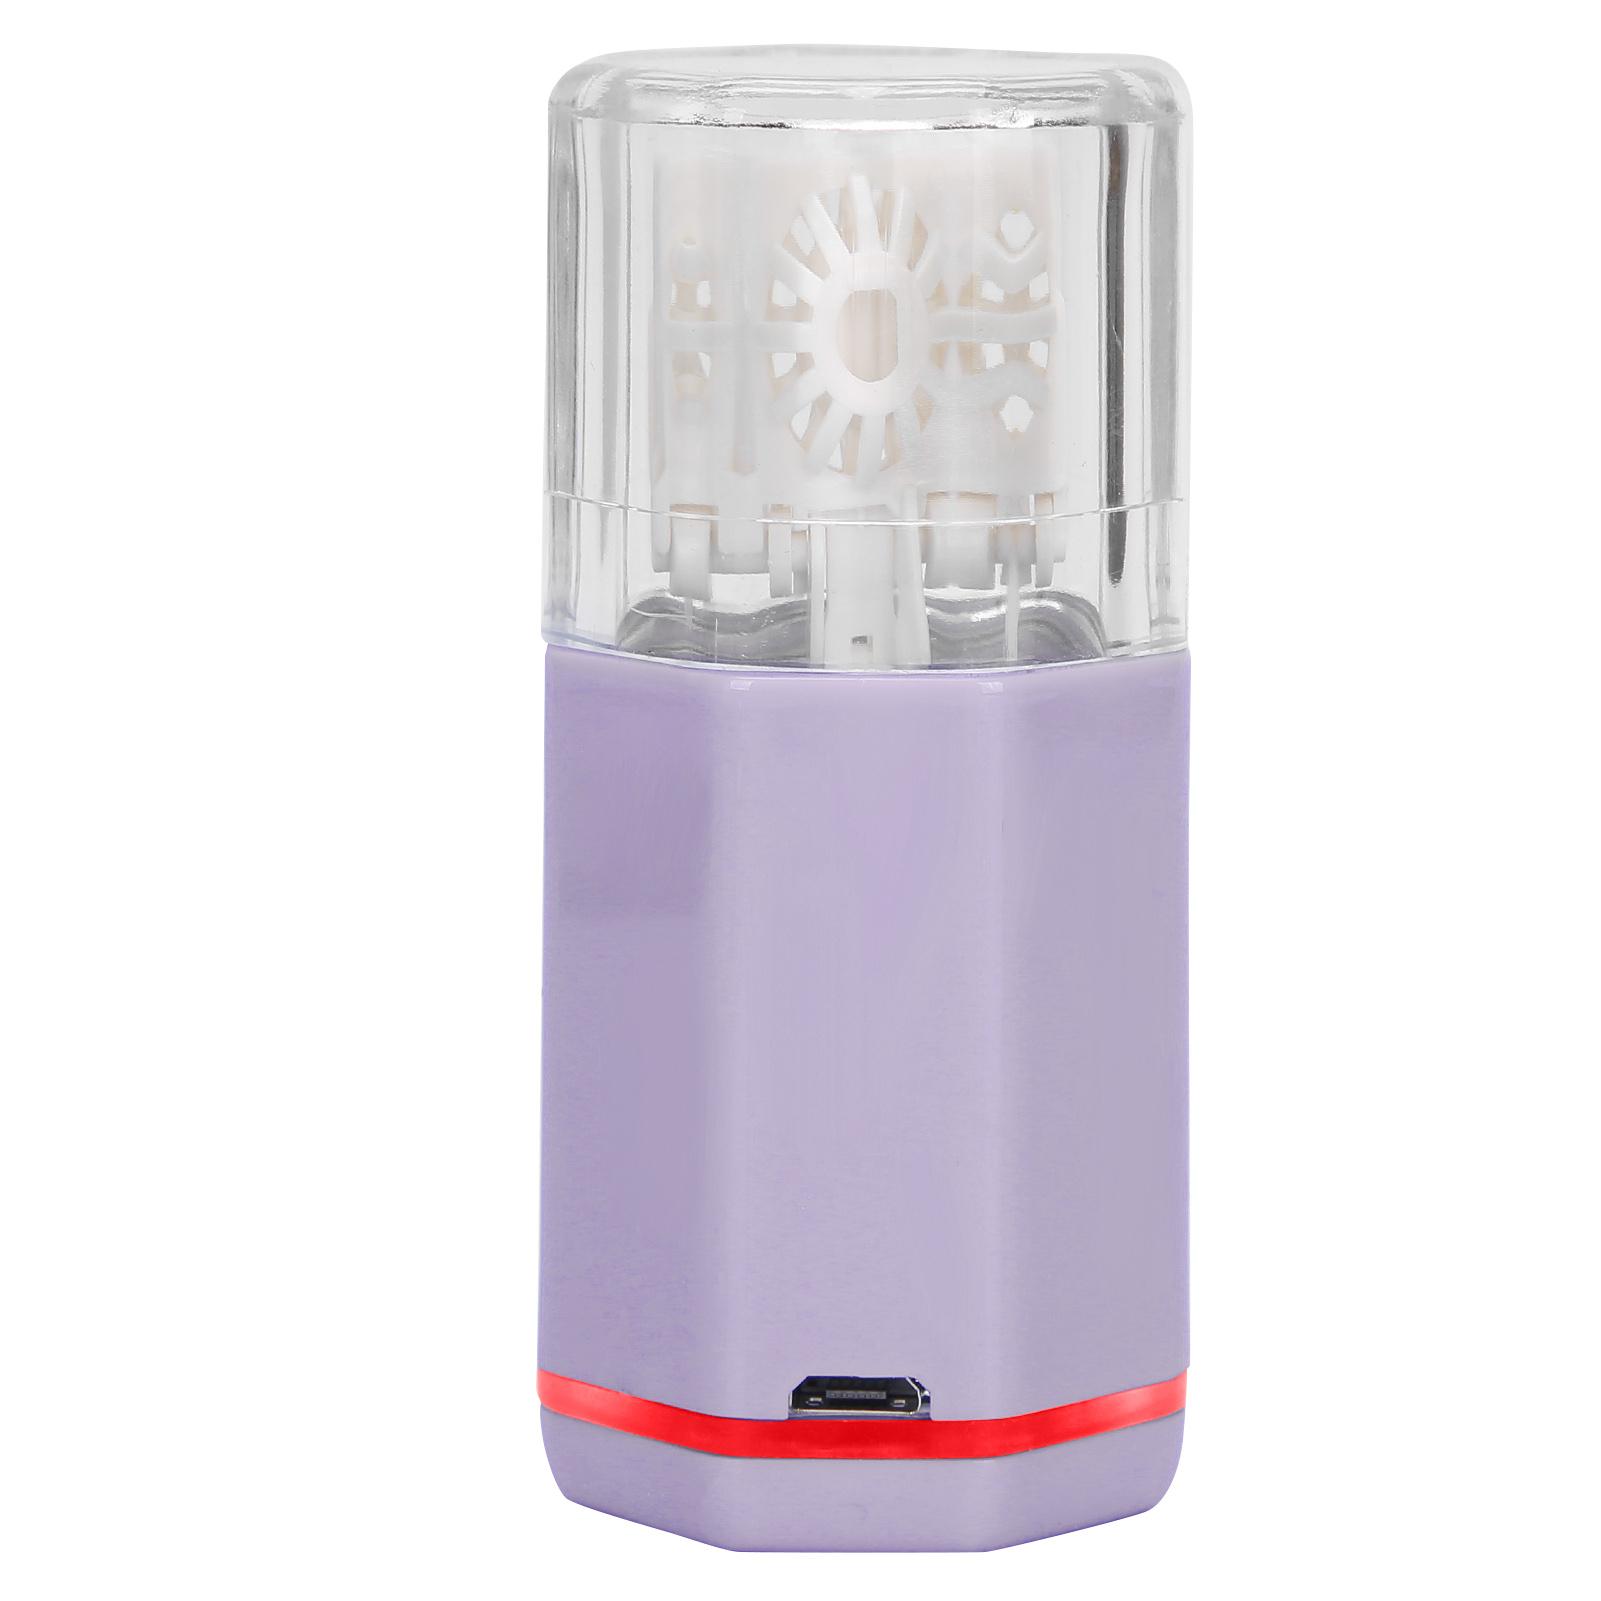 miniatura 20 - Portatile Auto ad ultrasuoni Lavatrice Pulitore Lenti a contatto quotidiano cura i dispositivi di pulizia